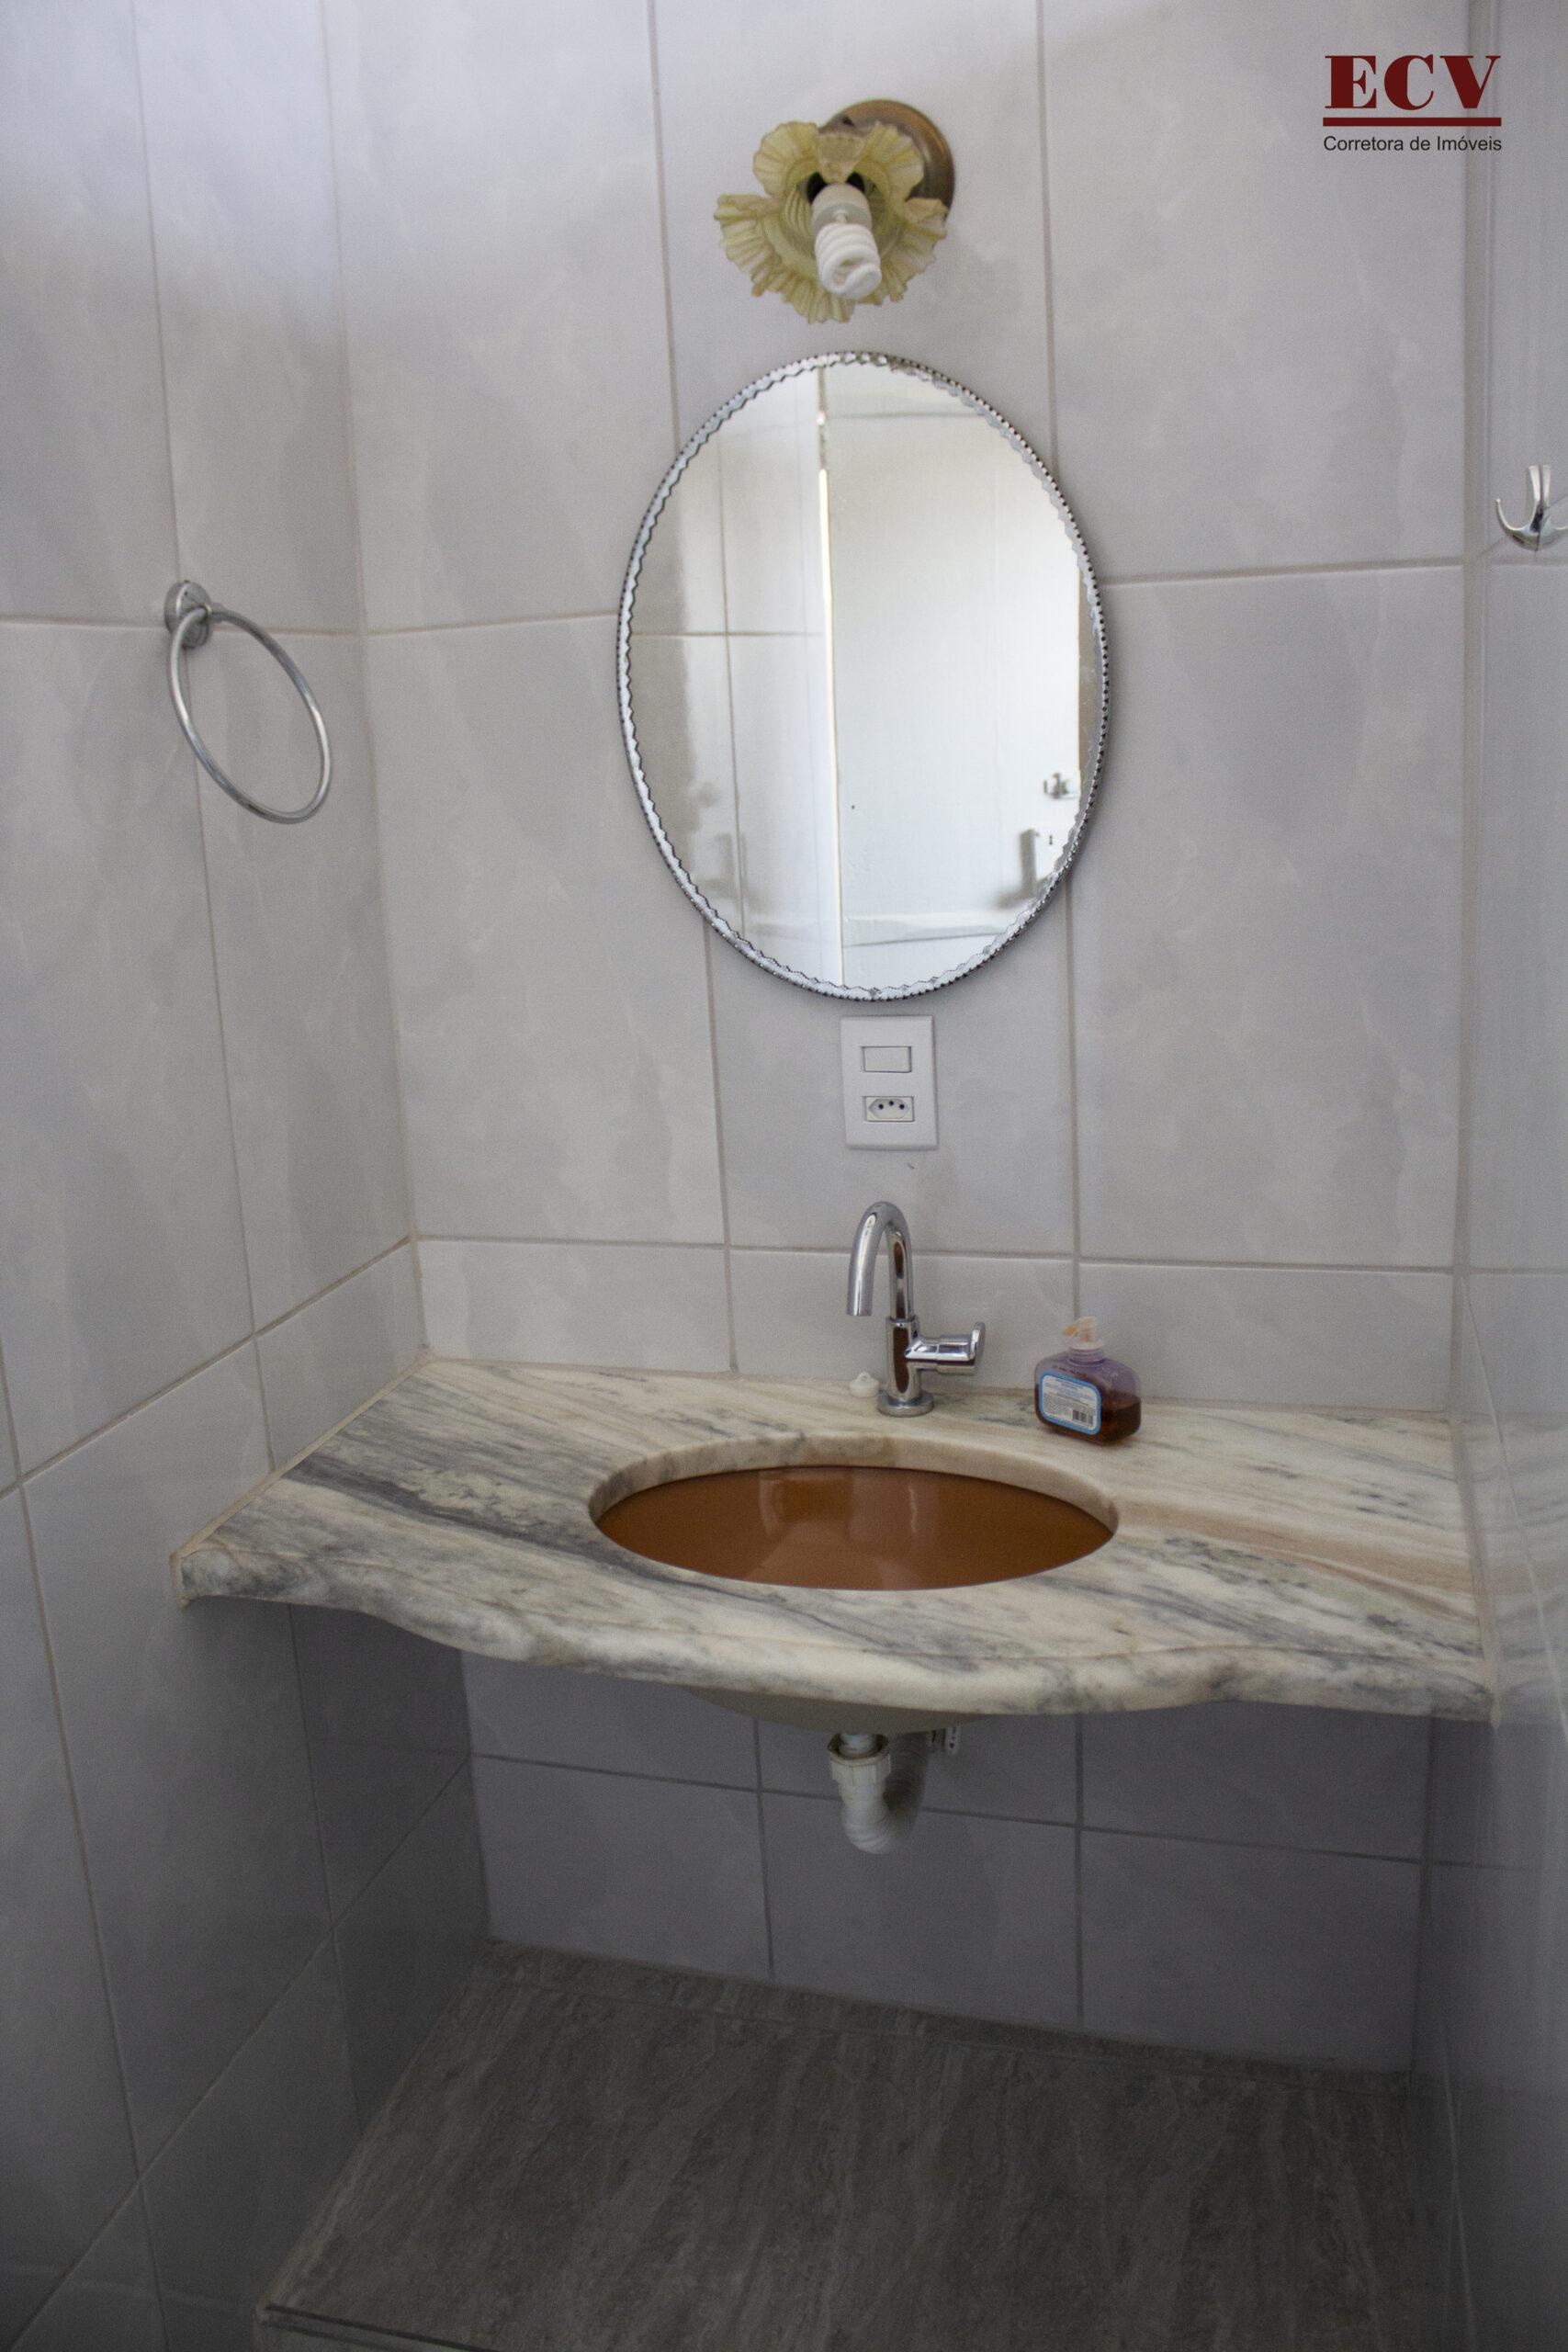 COD: 020 -Casarão à venda no centro Histórico de Diamantina